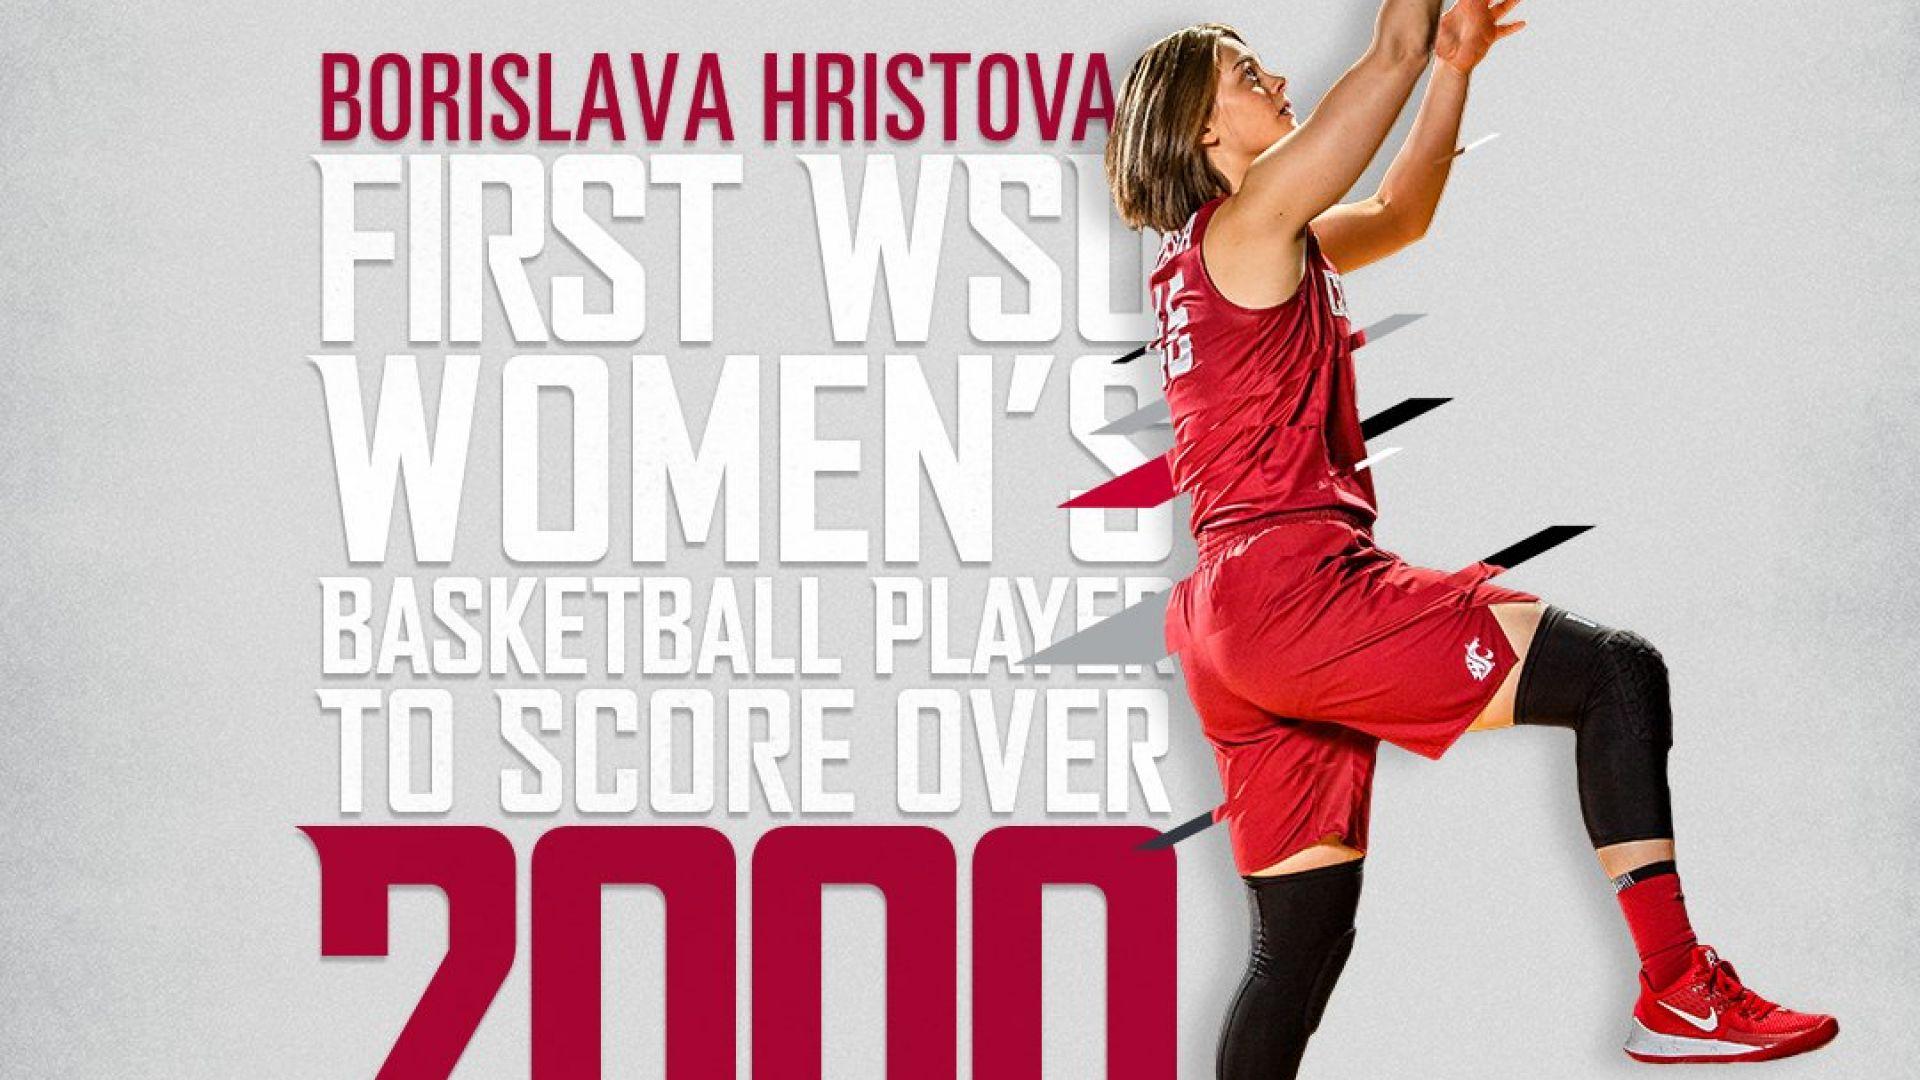 Борислава Христова премина границата от 2000 точки в колежанския баскетбол